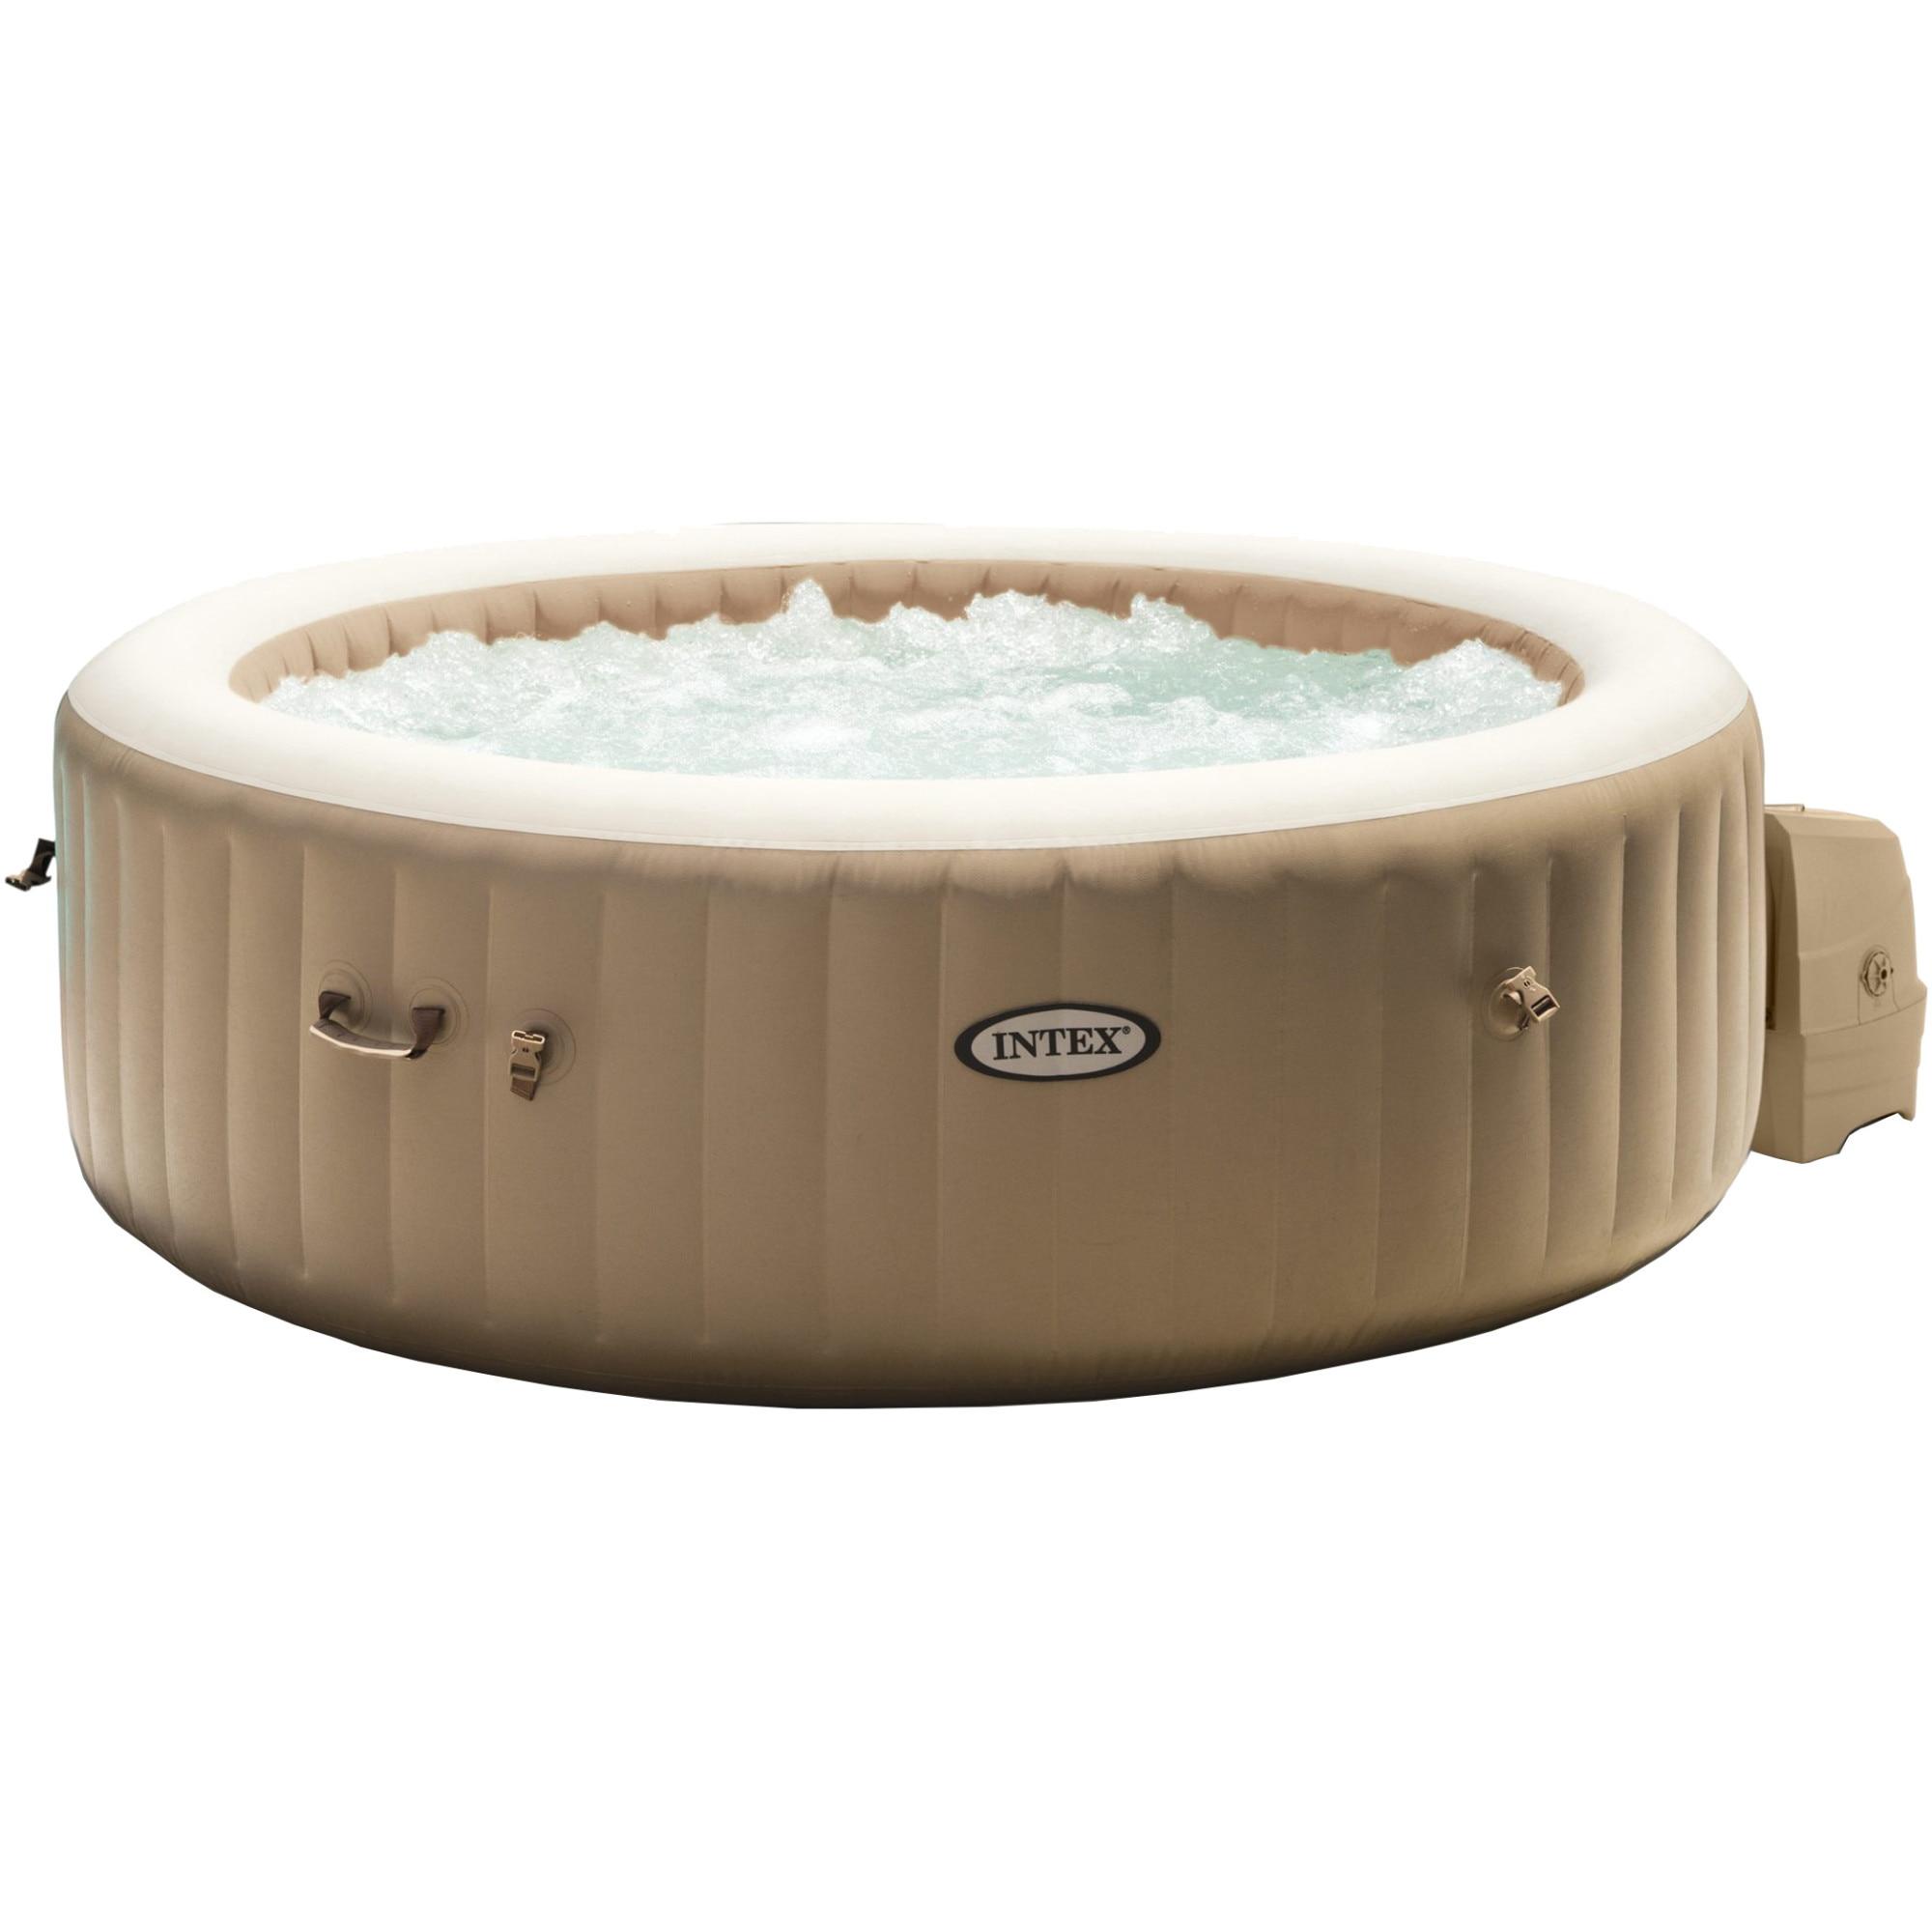 Fotografie Jacuzzi Intex PureSpa™ Bubble Massage 4 locuri